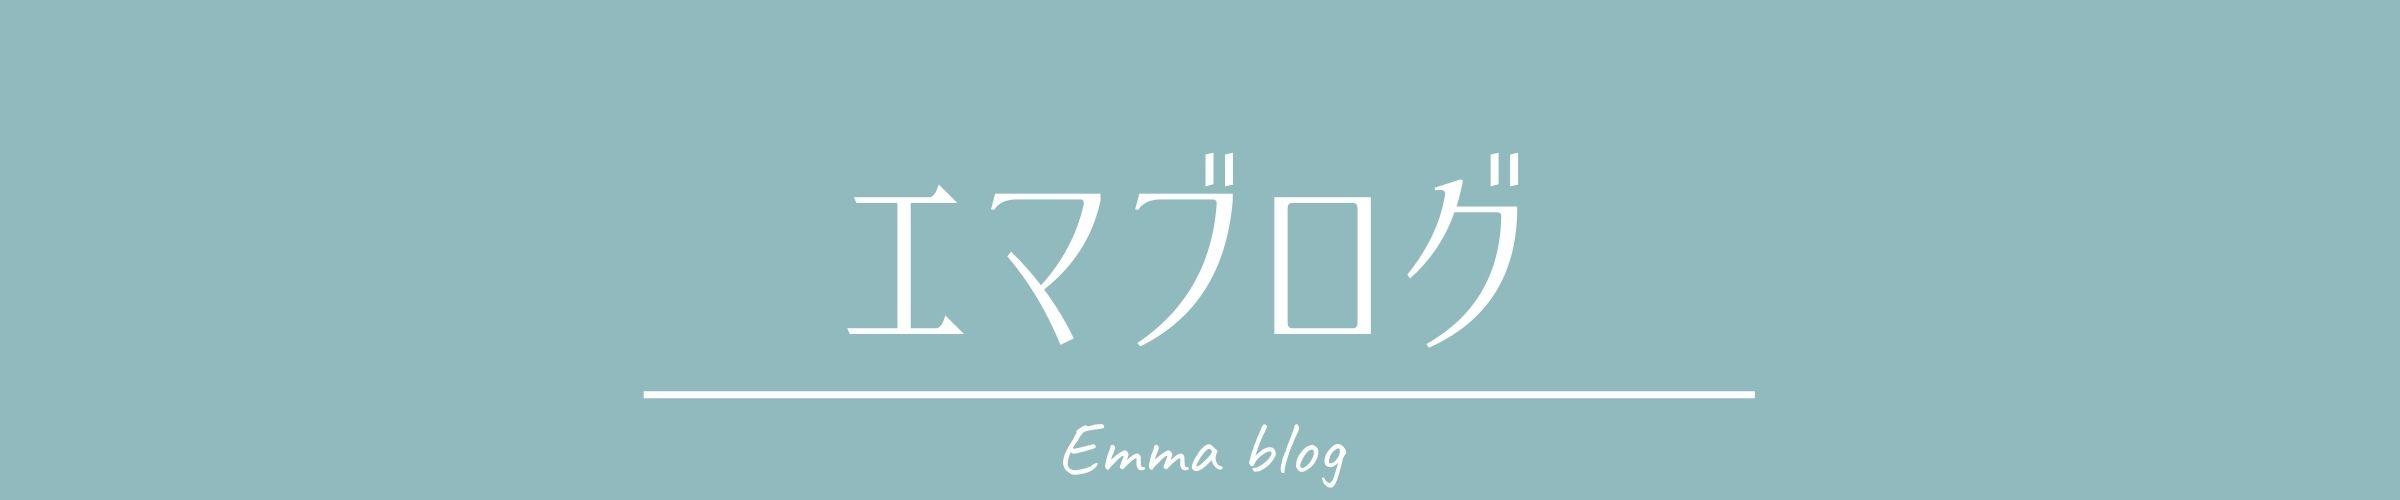 エマブログ